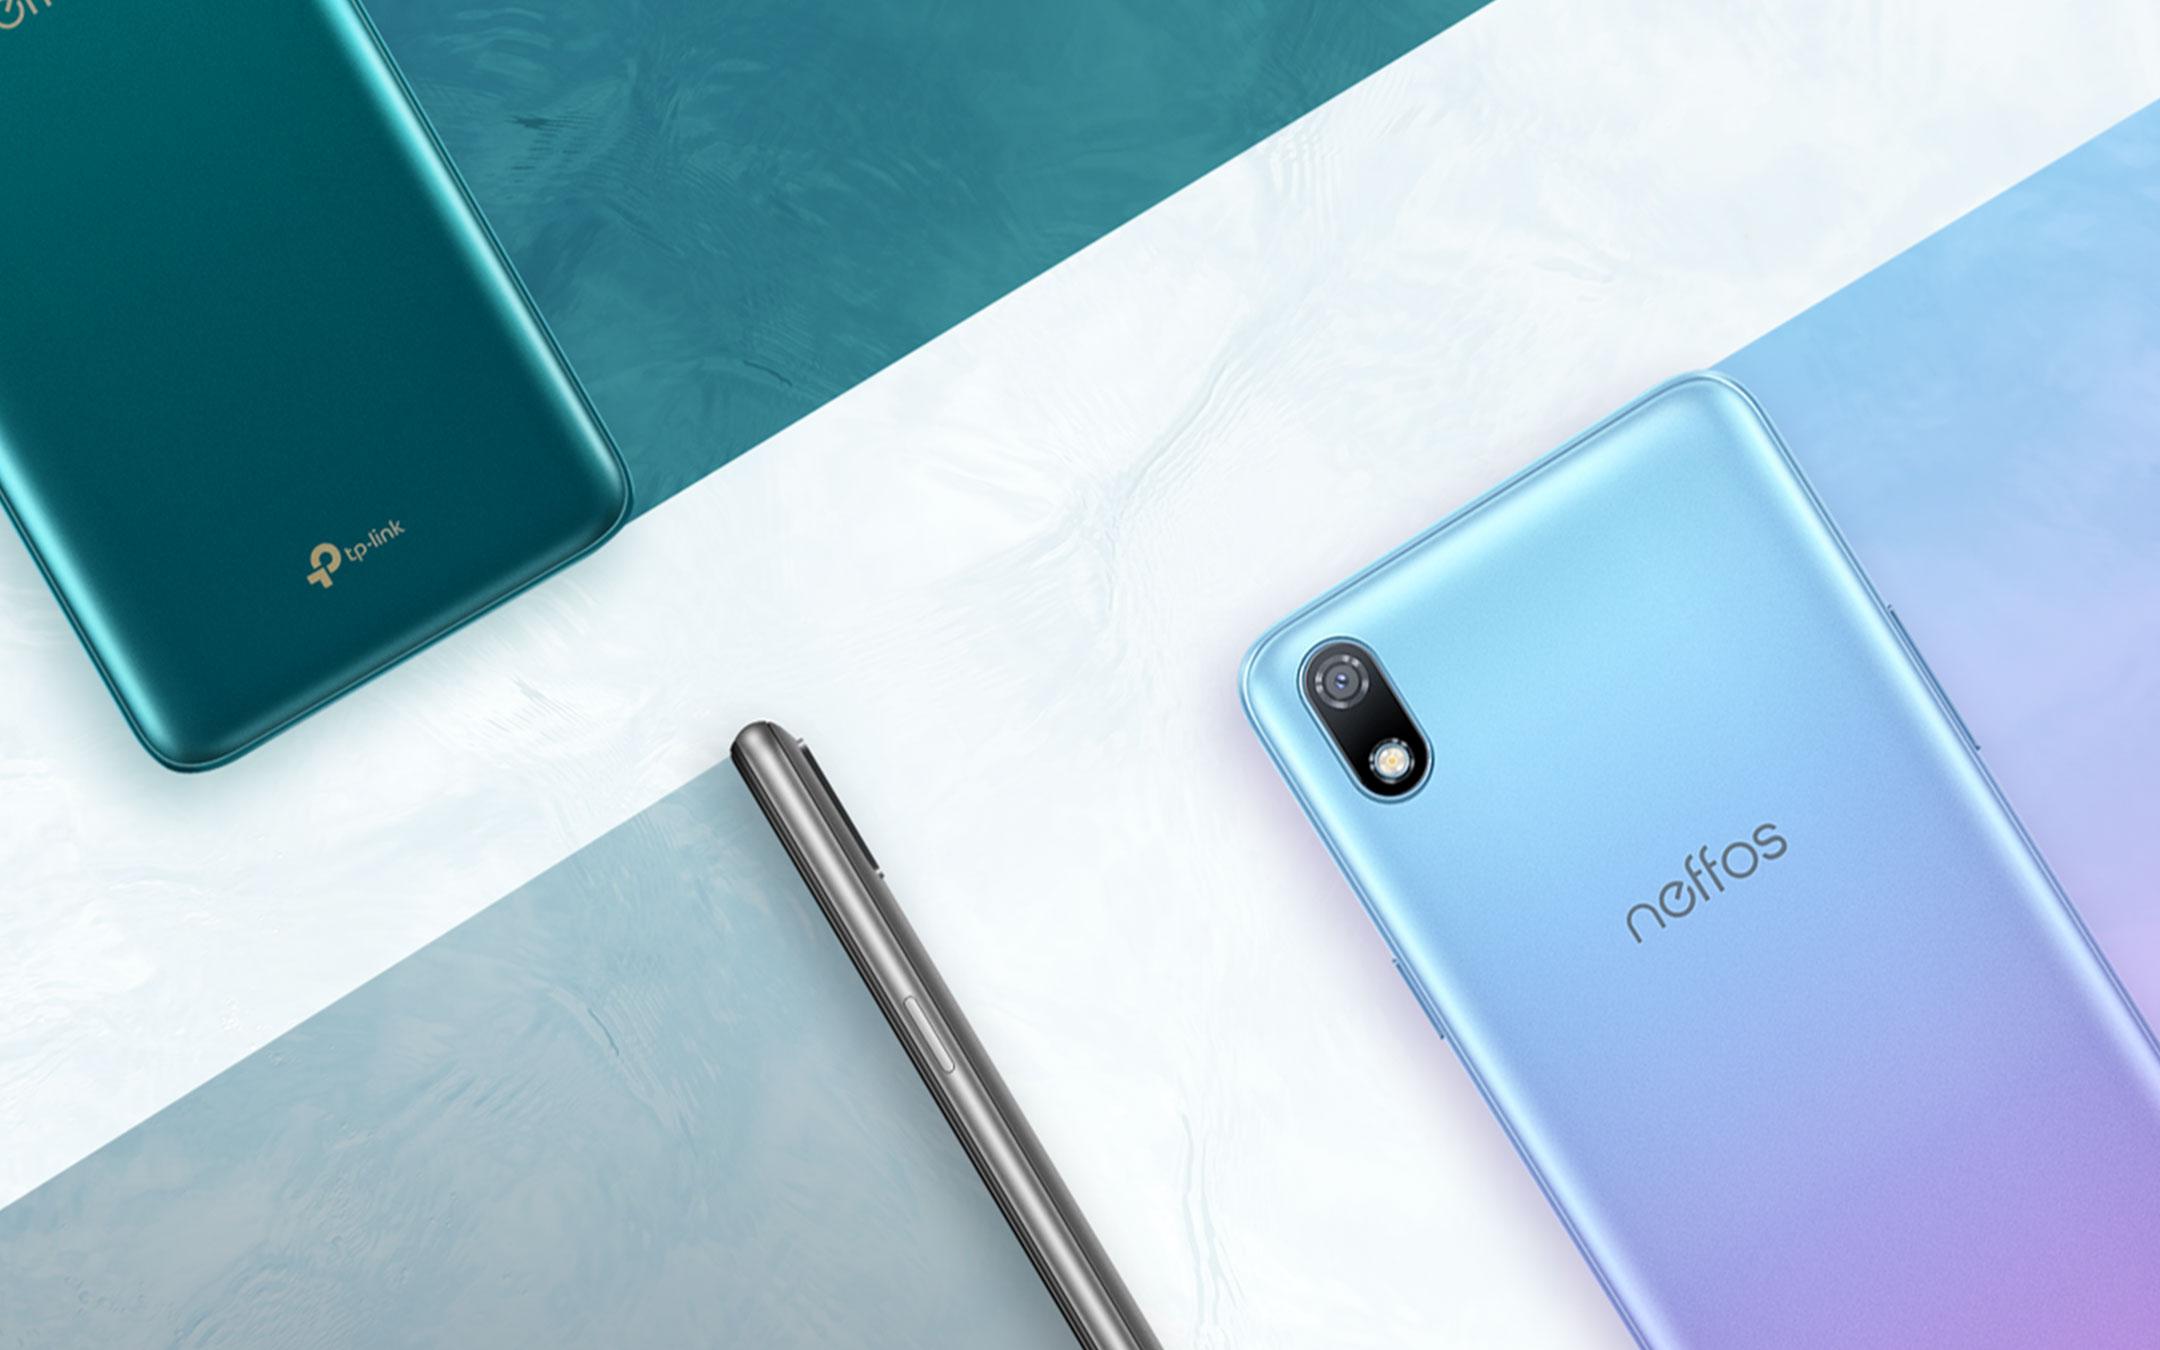 Neffos A5 ufficiale: nuovo smartphone di fascia bassa venduto a soli 69,99 eurol